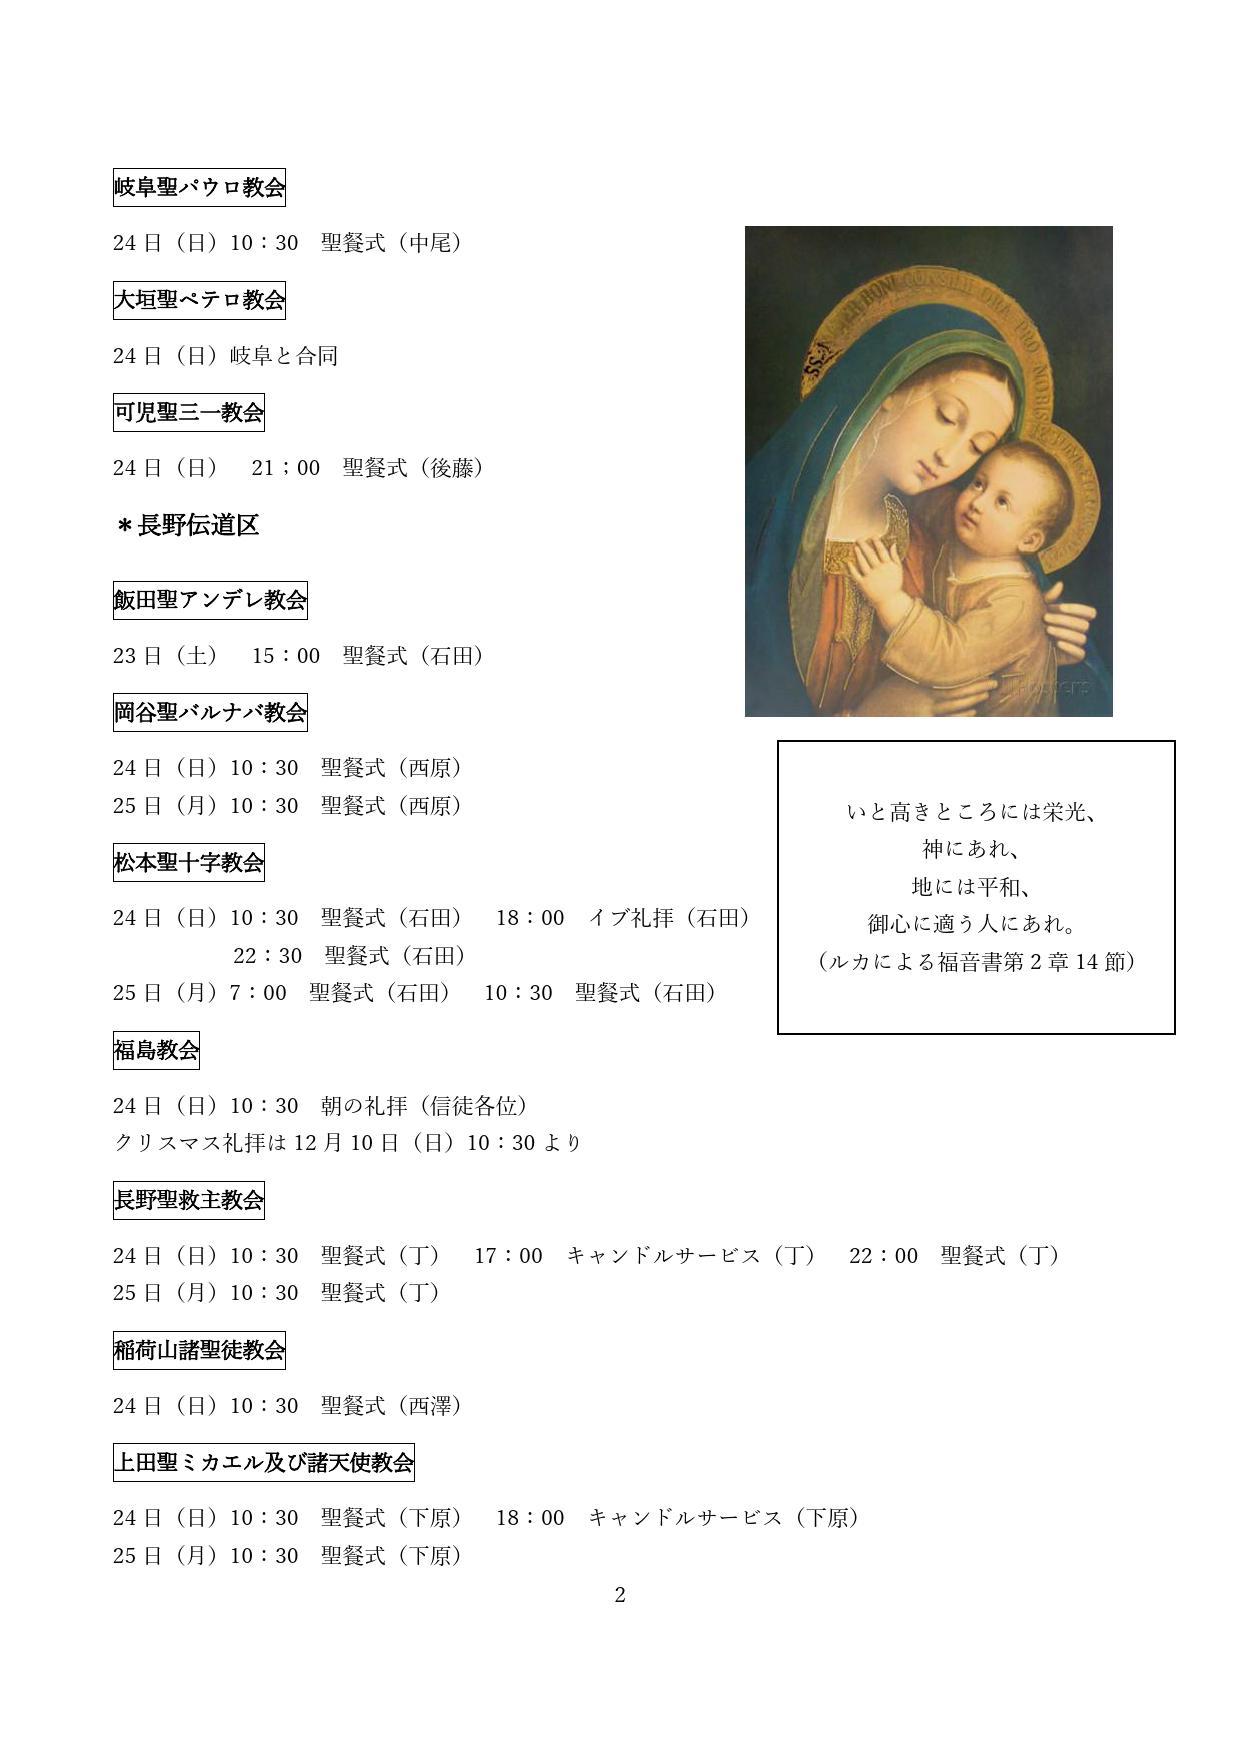 クリスマス礼拝カレンダー_000002